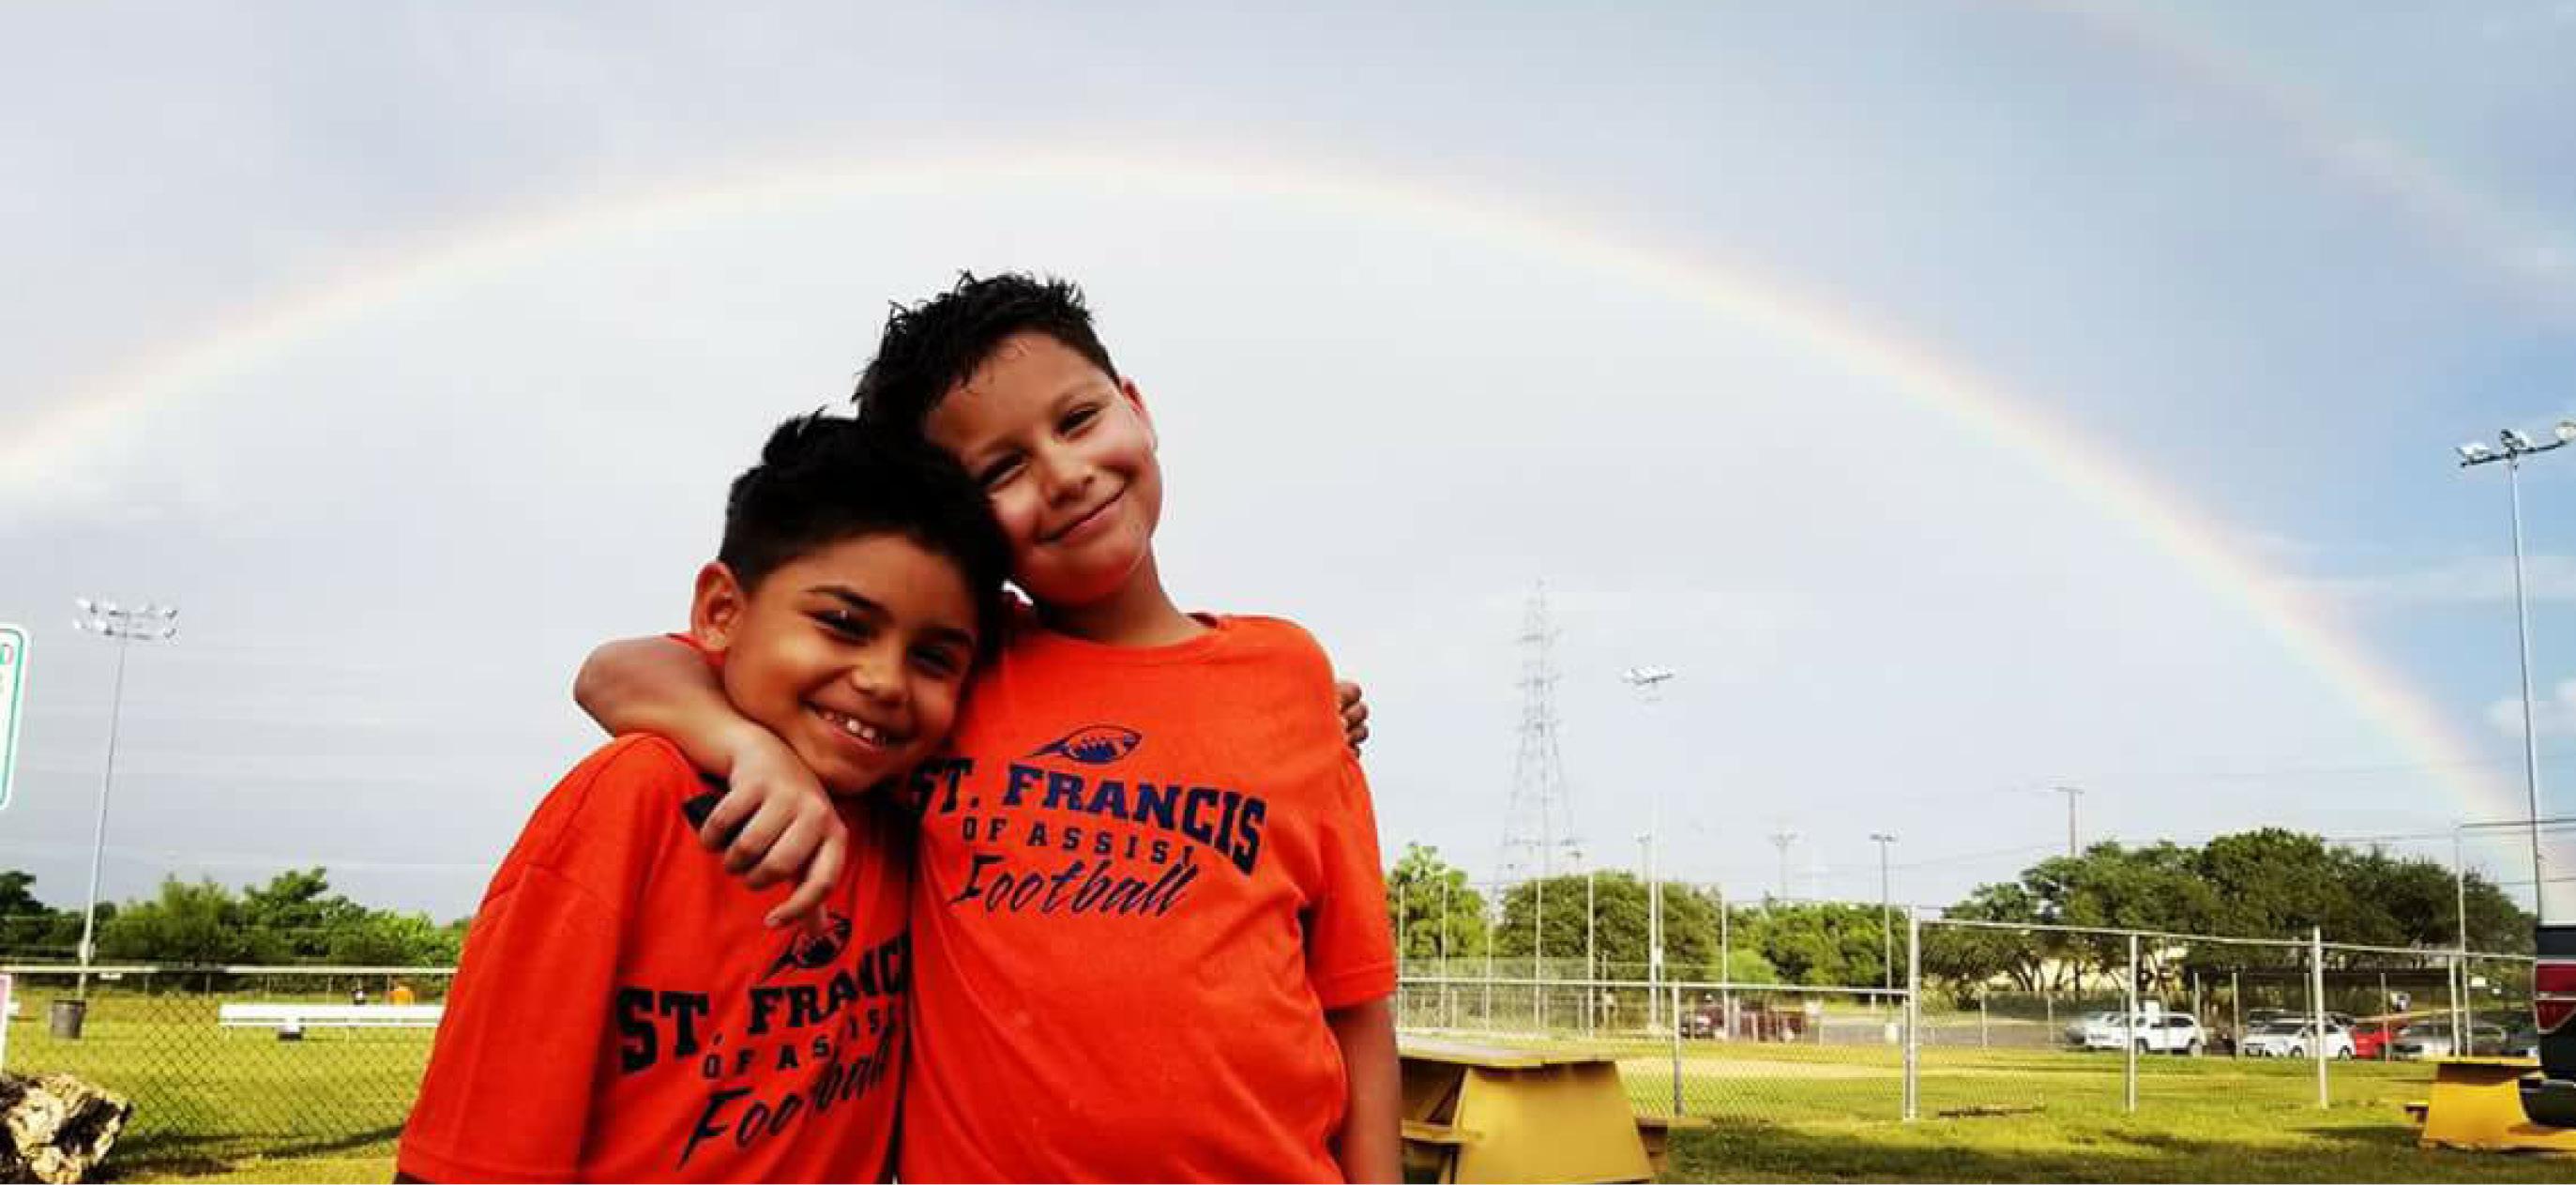 Boys-with-Rainbow